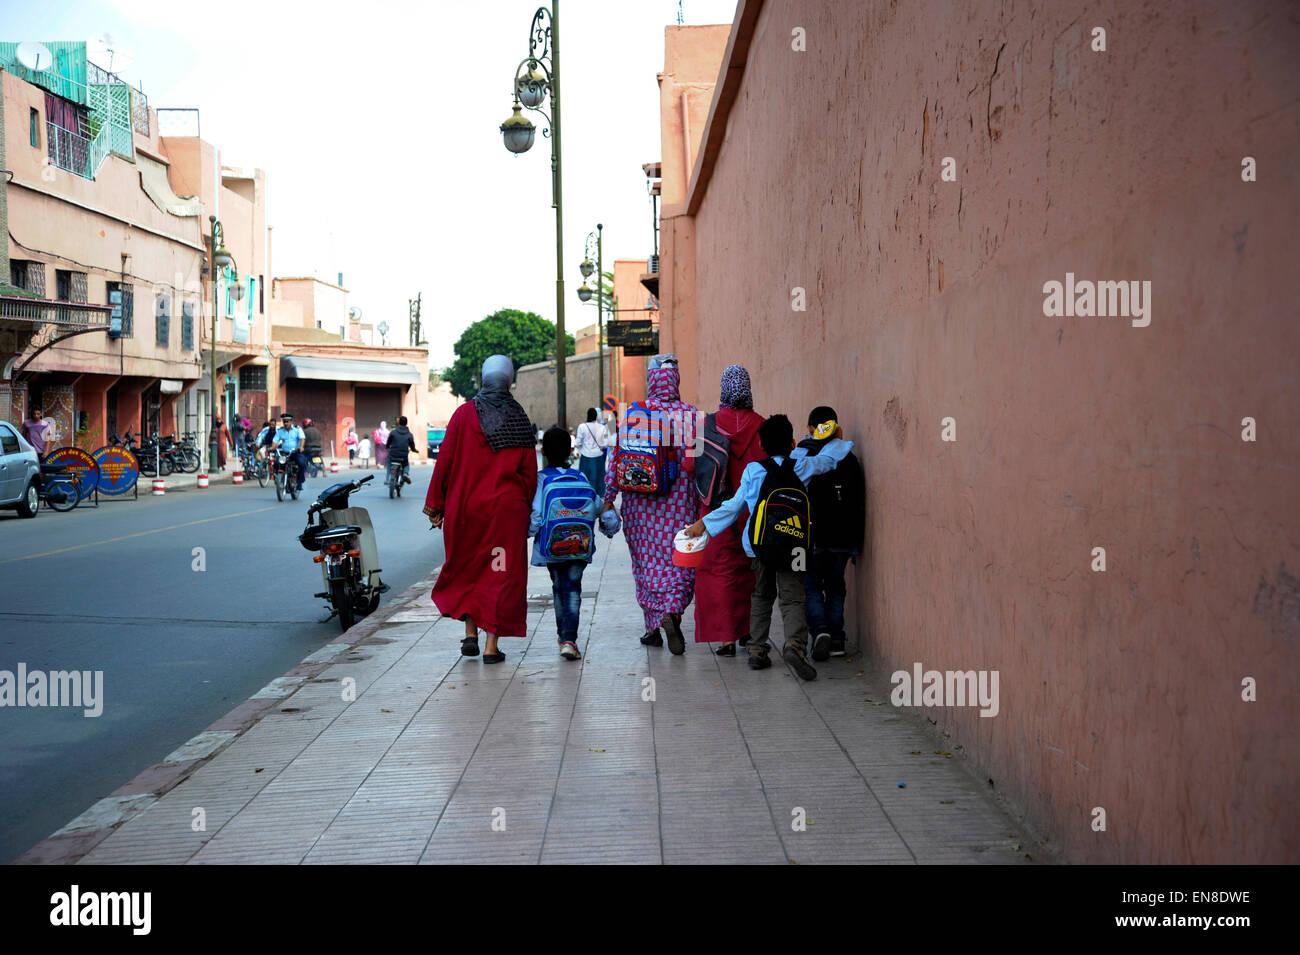 Rückkehr von der Schule auf die Schule familiengeführtes entlang einer Hauptstraße in Marrakesch Stockbild